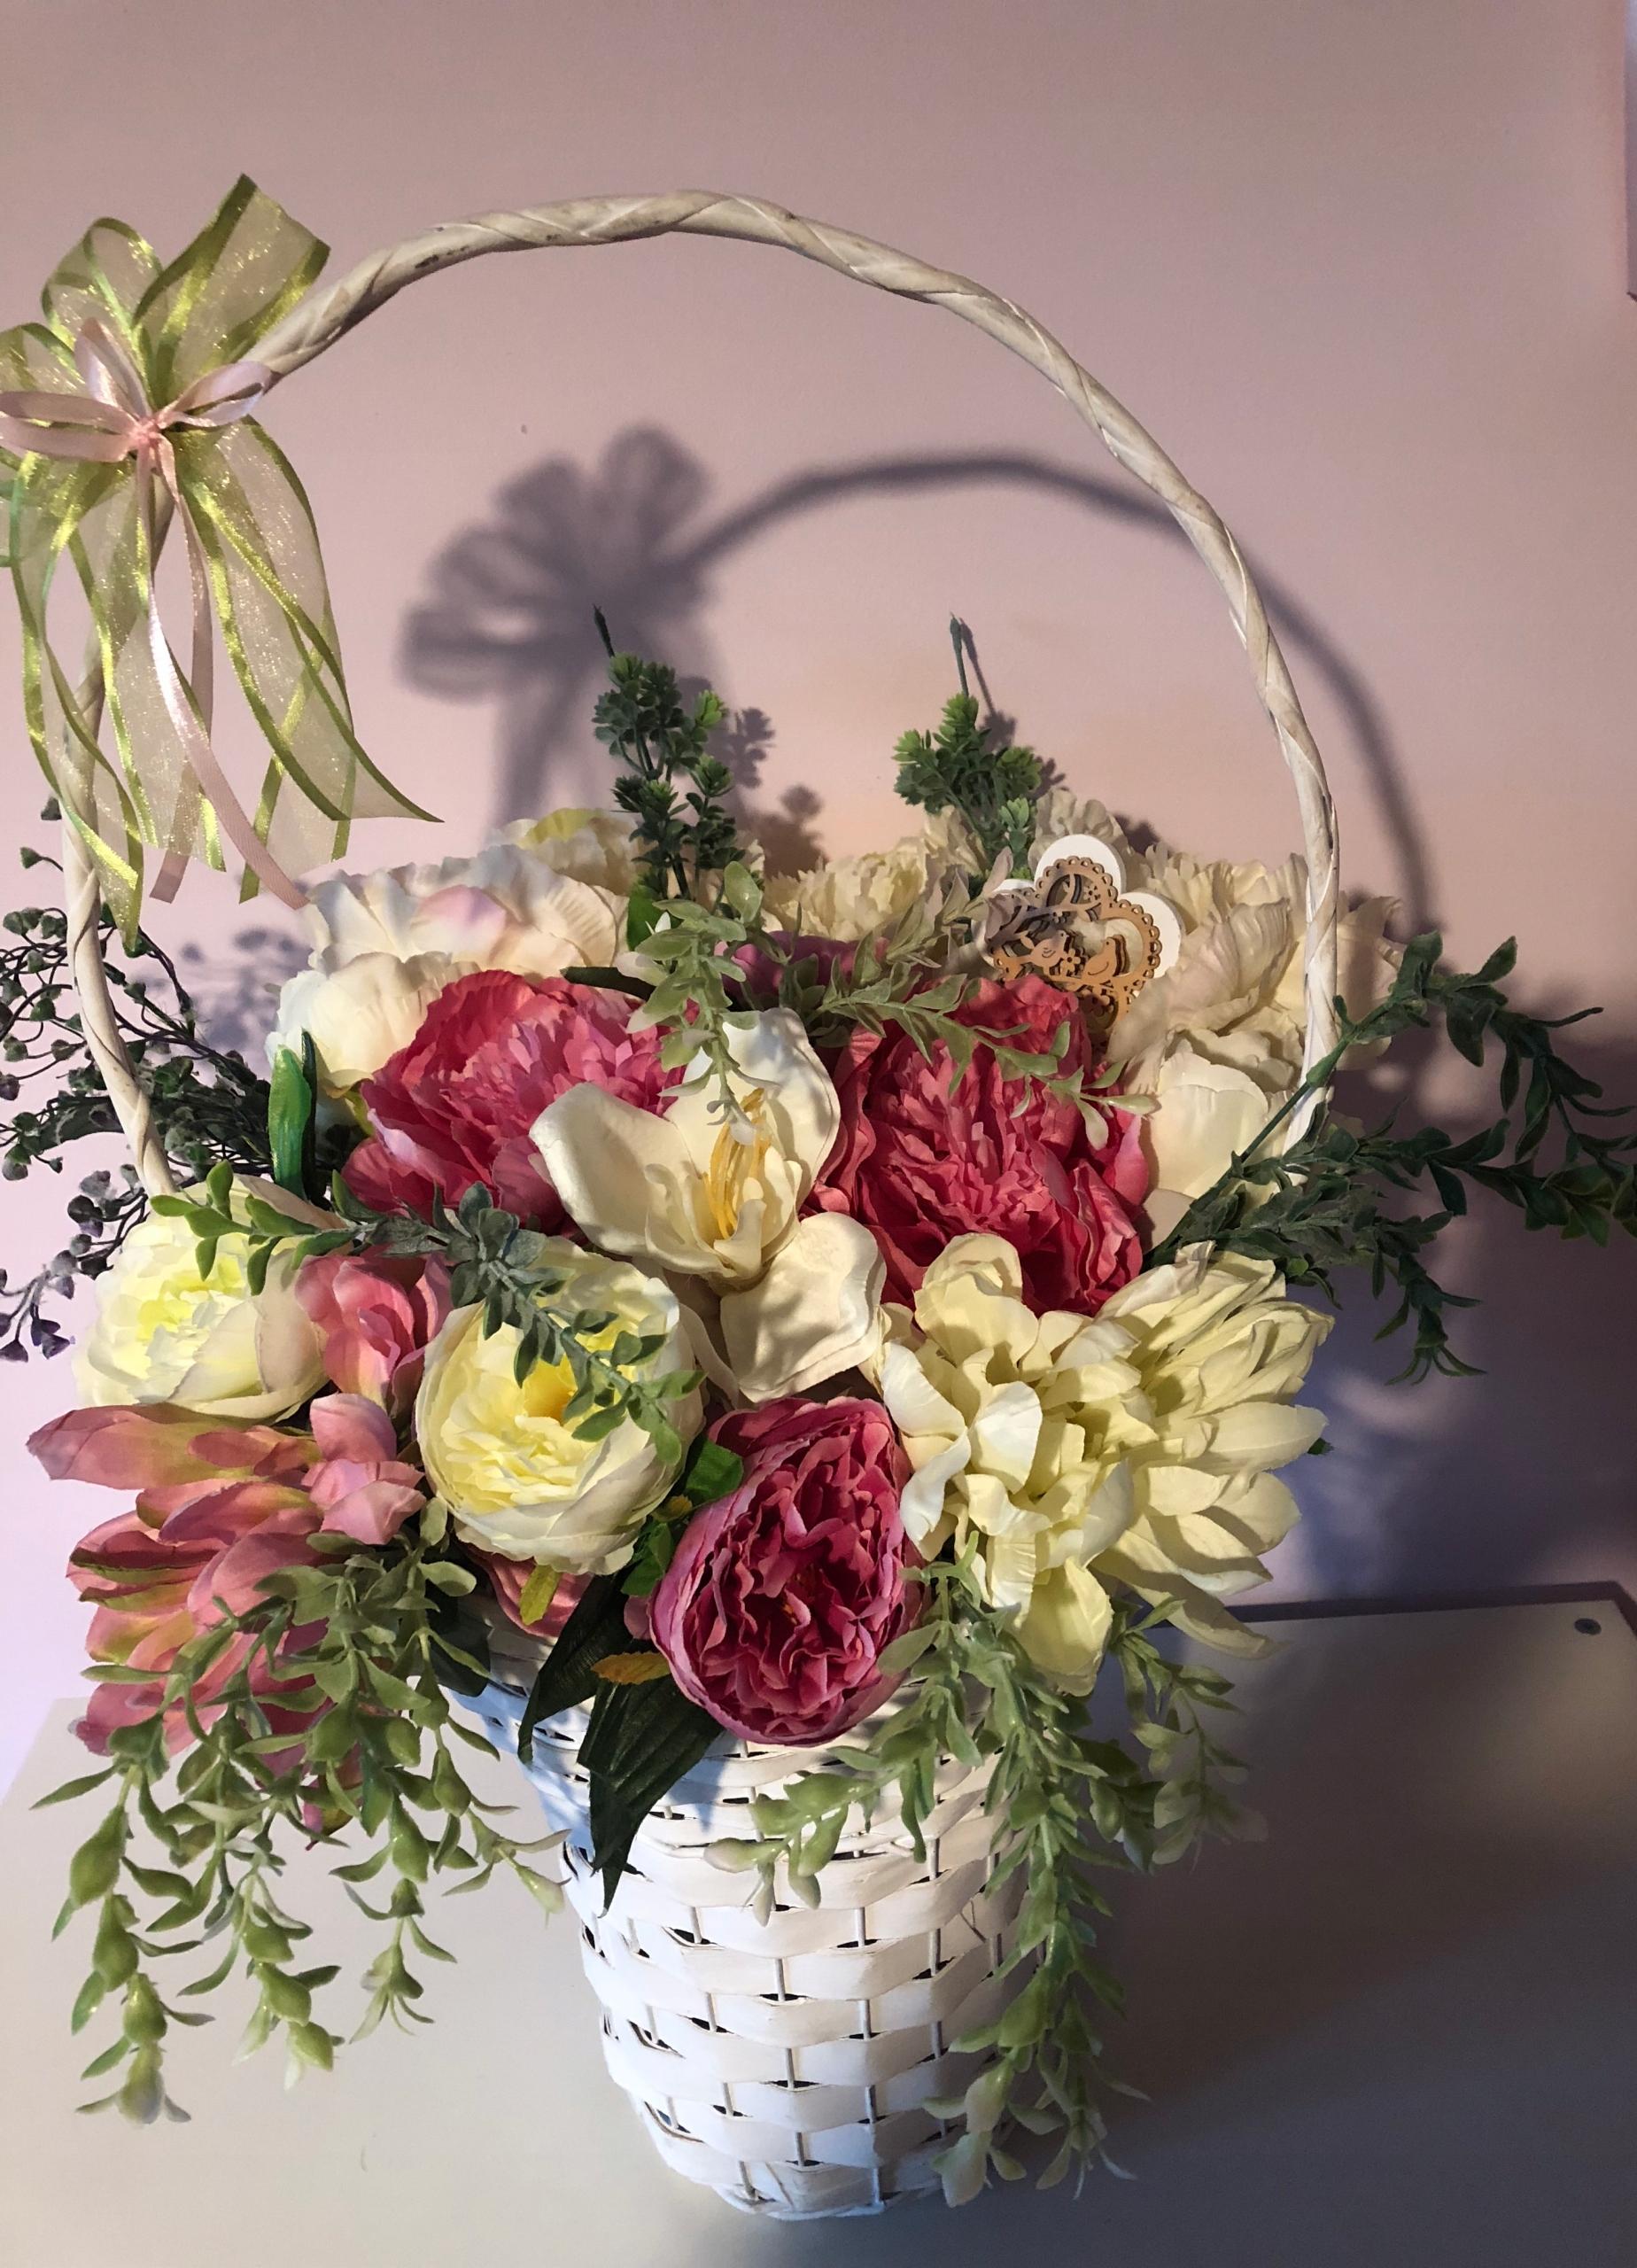 Zaktualizowano Kompozycja kwiatowa bukiet kwiatów w koszu - 7650694082 QN75